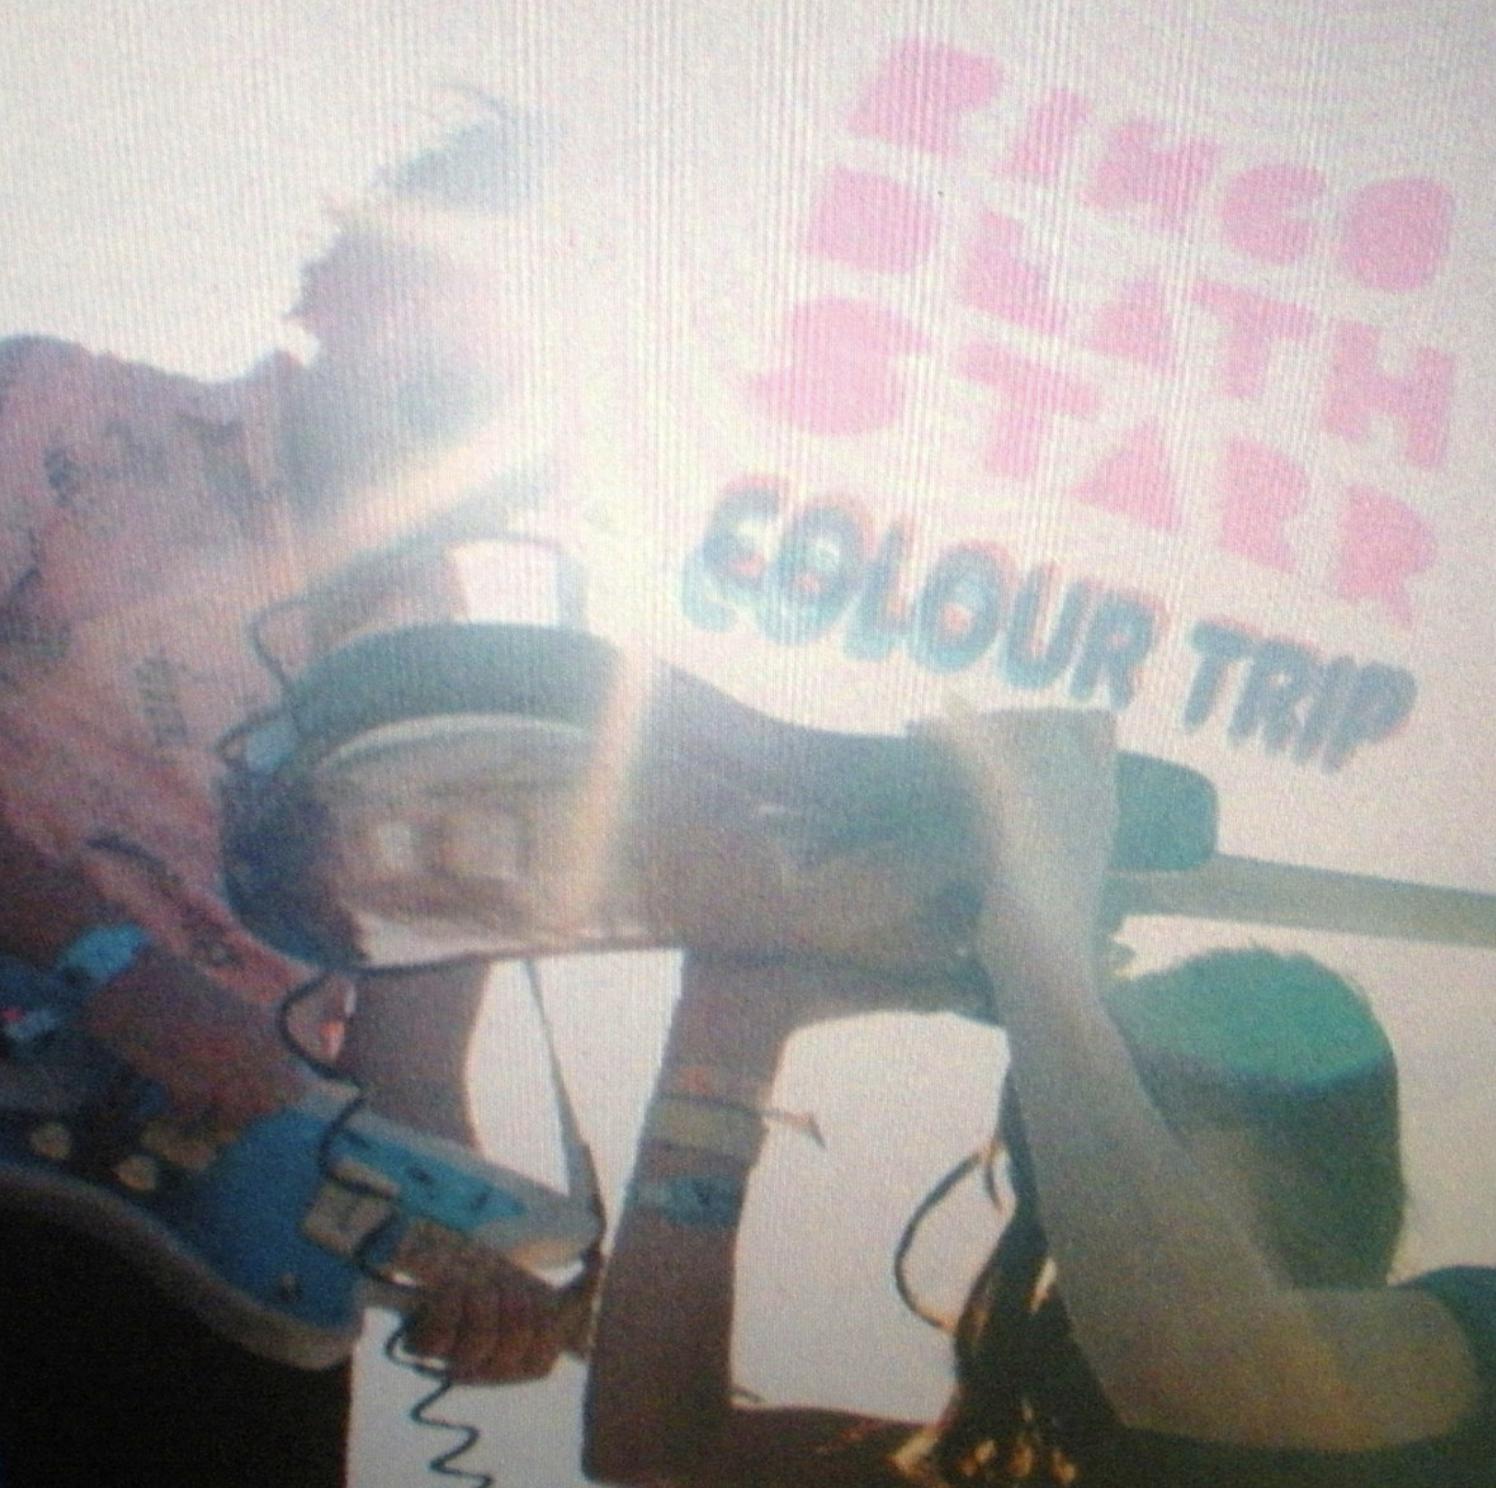 Ringo Death Star